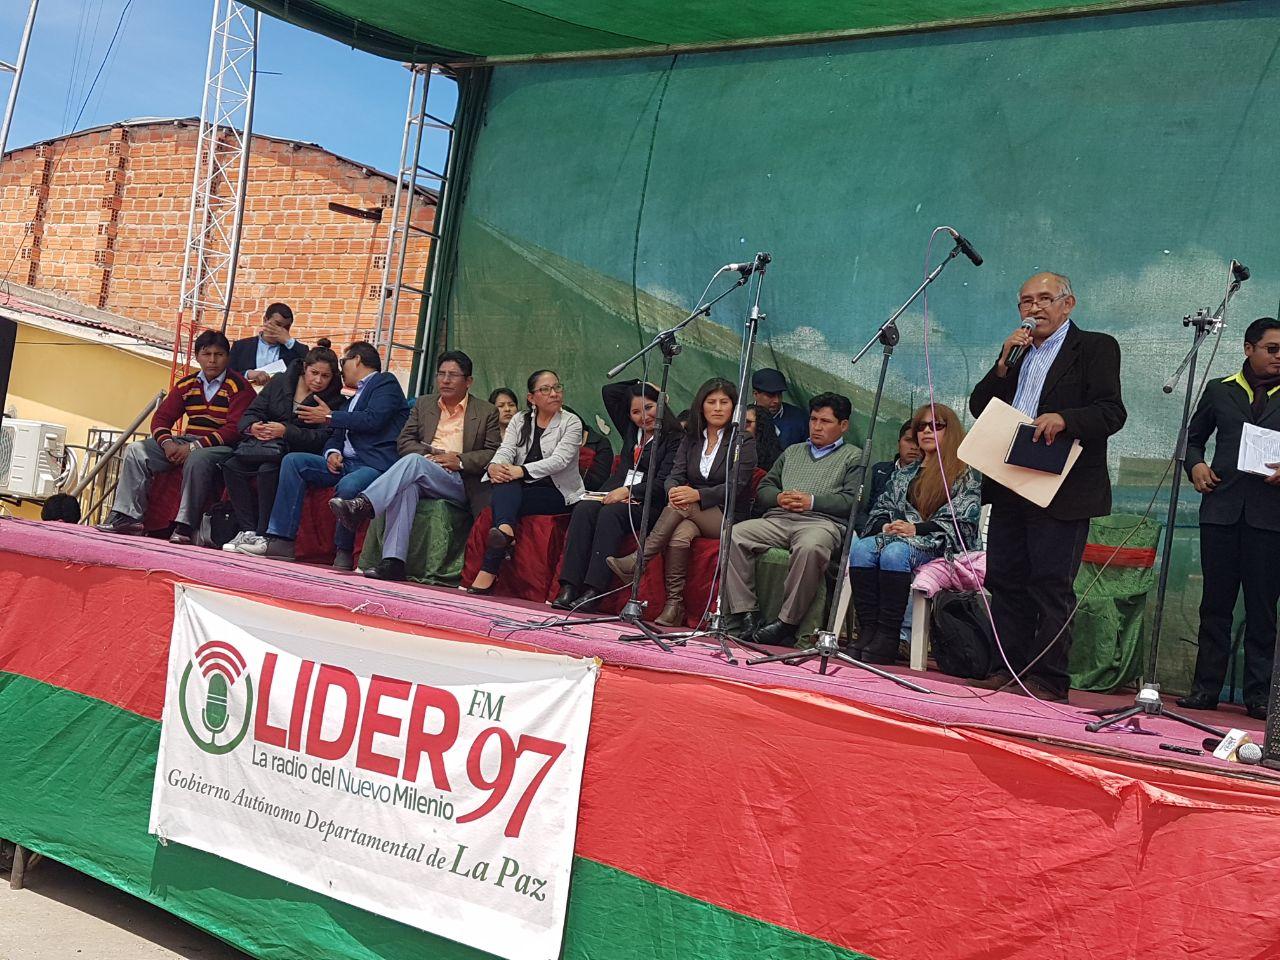 Patzi junto a los trabajadores y periodistas de la emisora en el Campo Ferial / RADIO LIDER